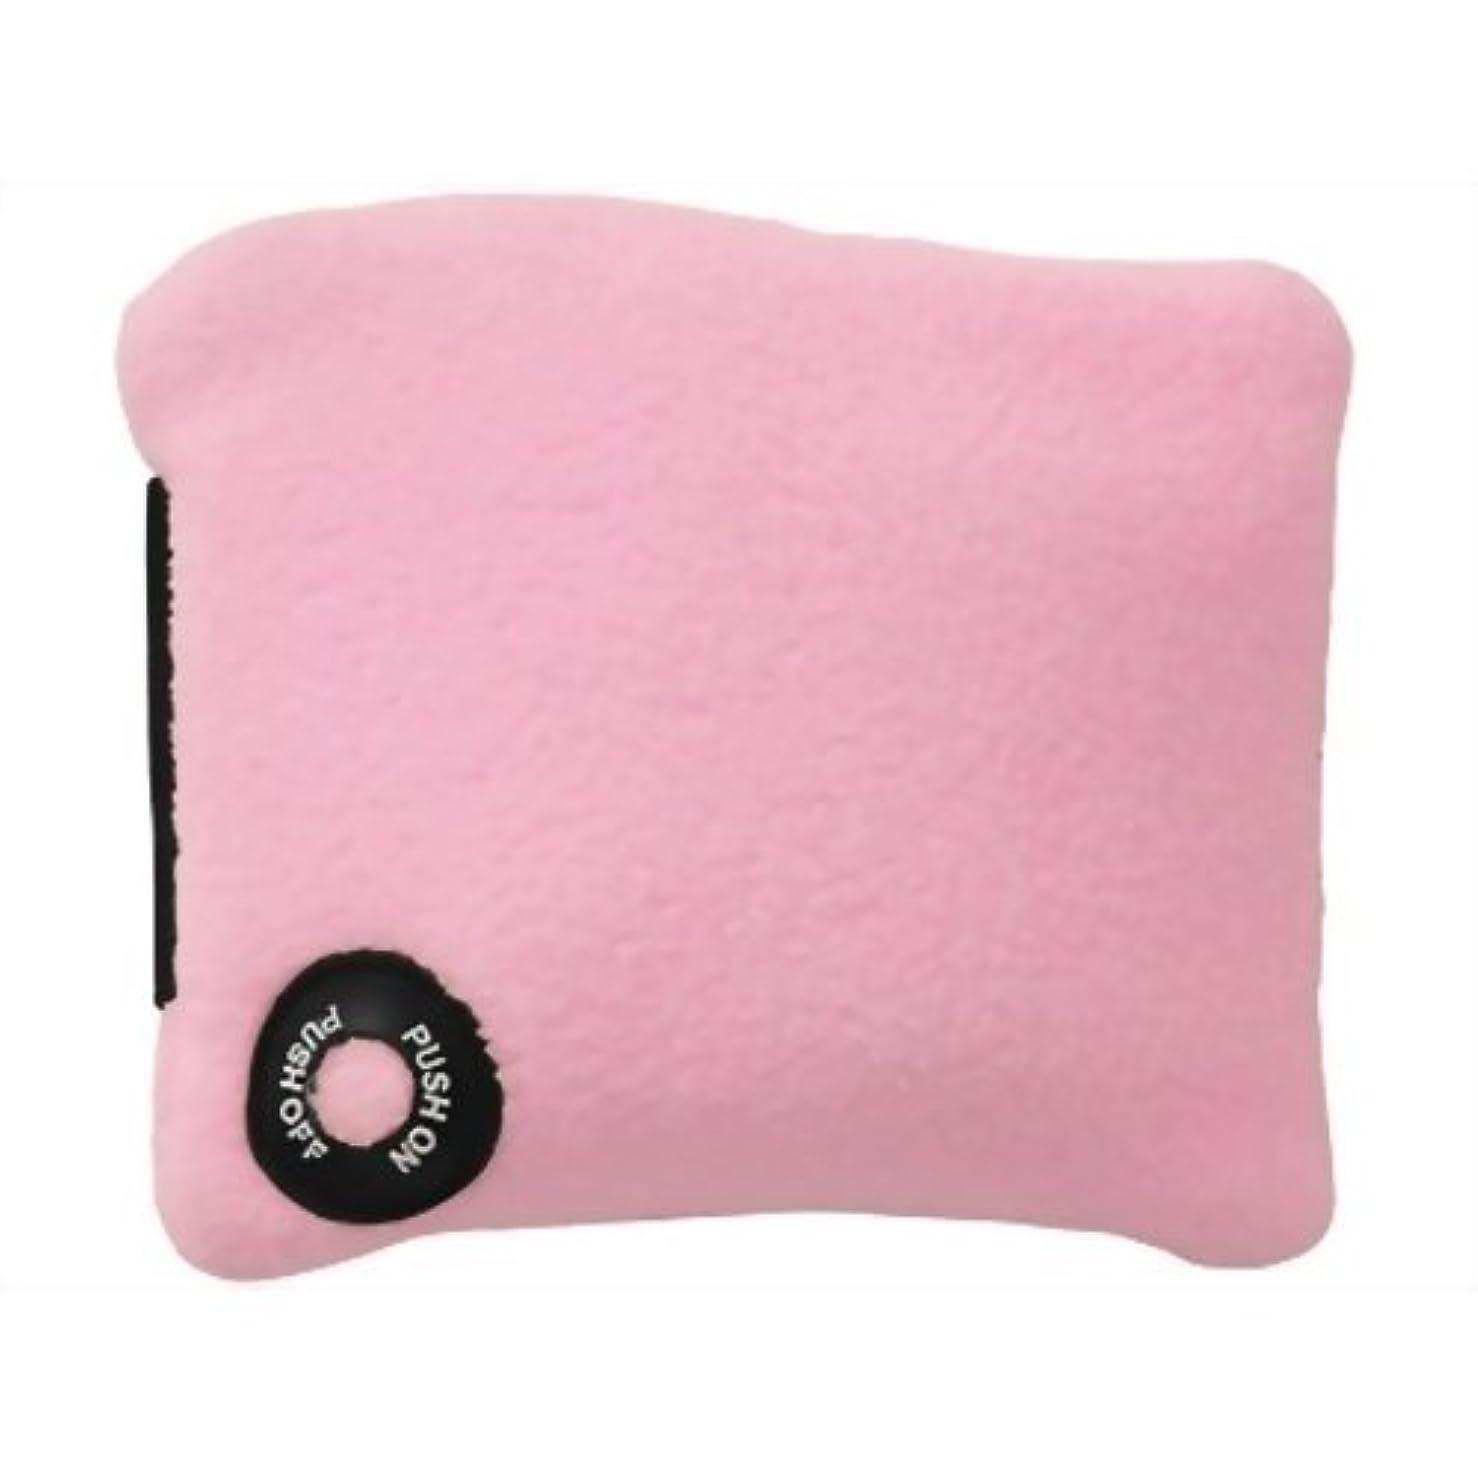 シエスタ真空凶暴なぶるる 足用 ピンク フリーサイズ